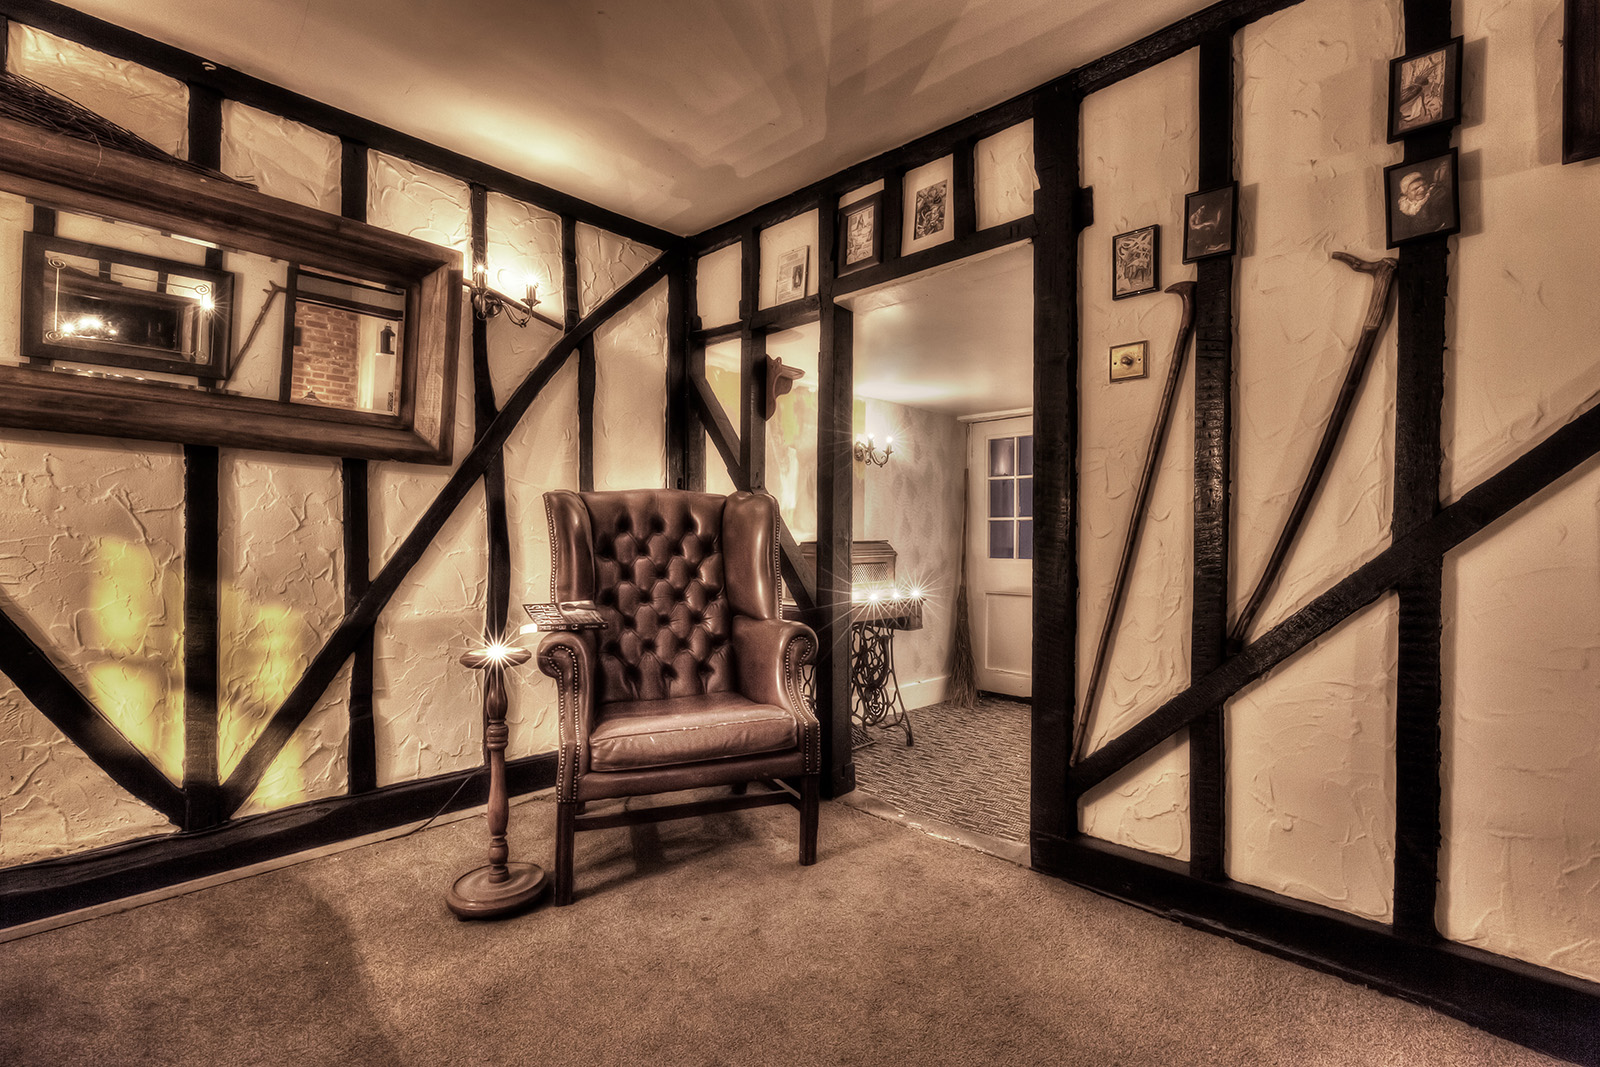 La propiedad estuvo en manos de su actual dueña, Vanessa Mitchell, desde 2004, pero solo pudo vivir allí tres años / Home Domus 360